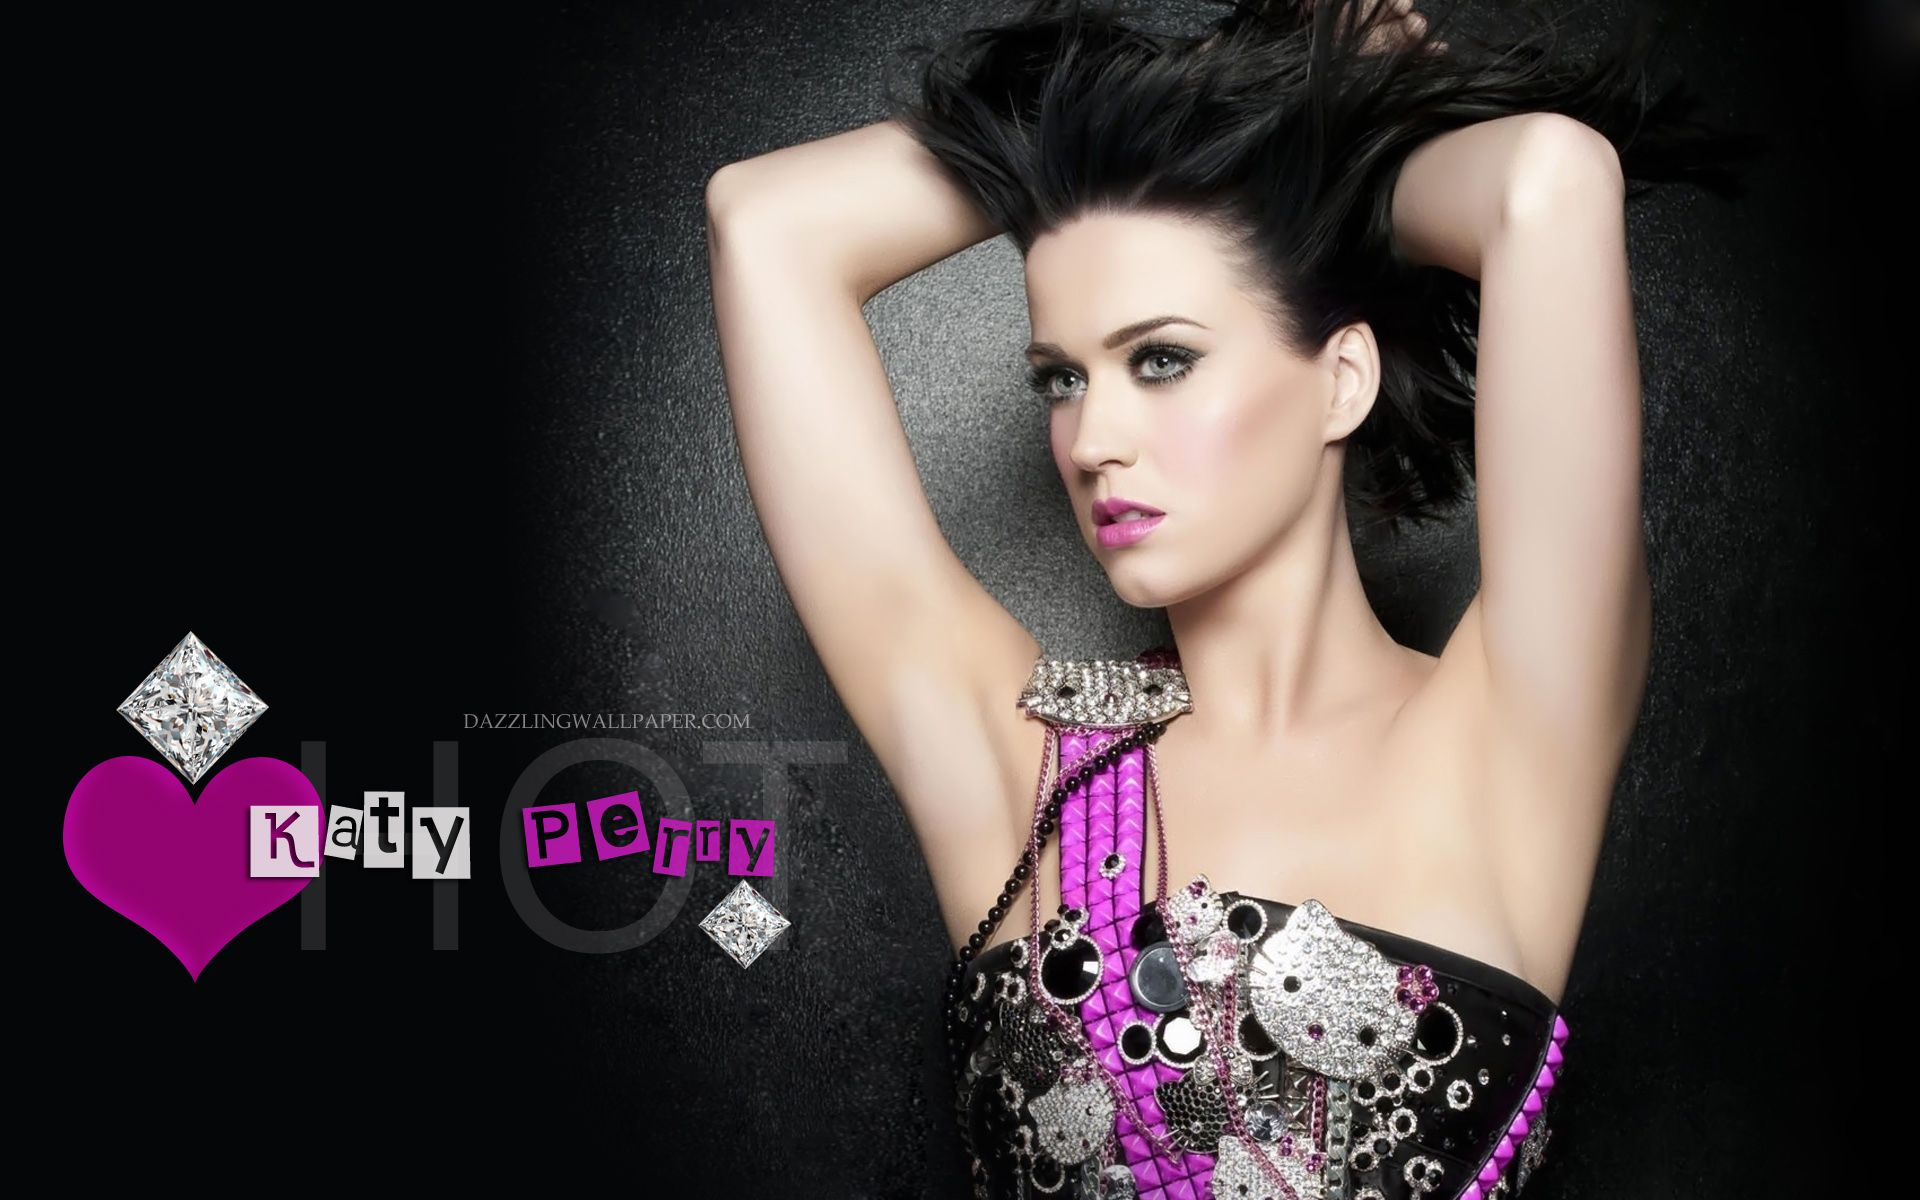 Katy Perry Hd Hot Hd Wallpaper Katy Perry Hollywood Actress Hot